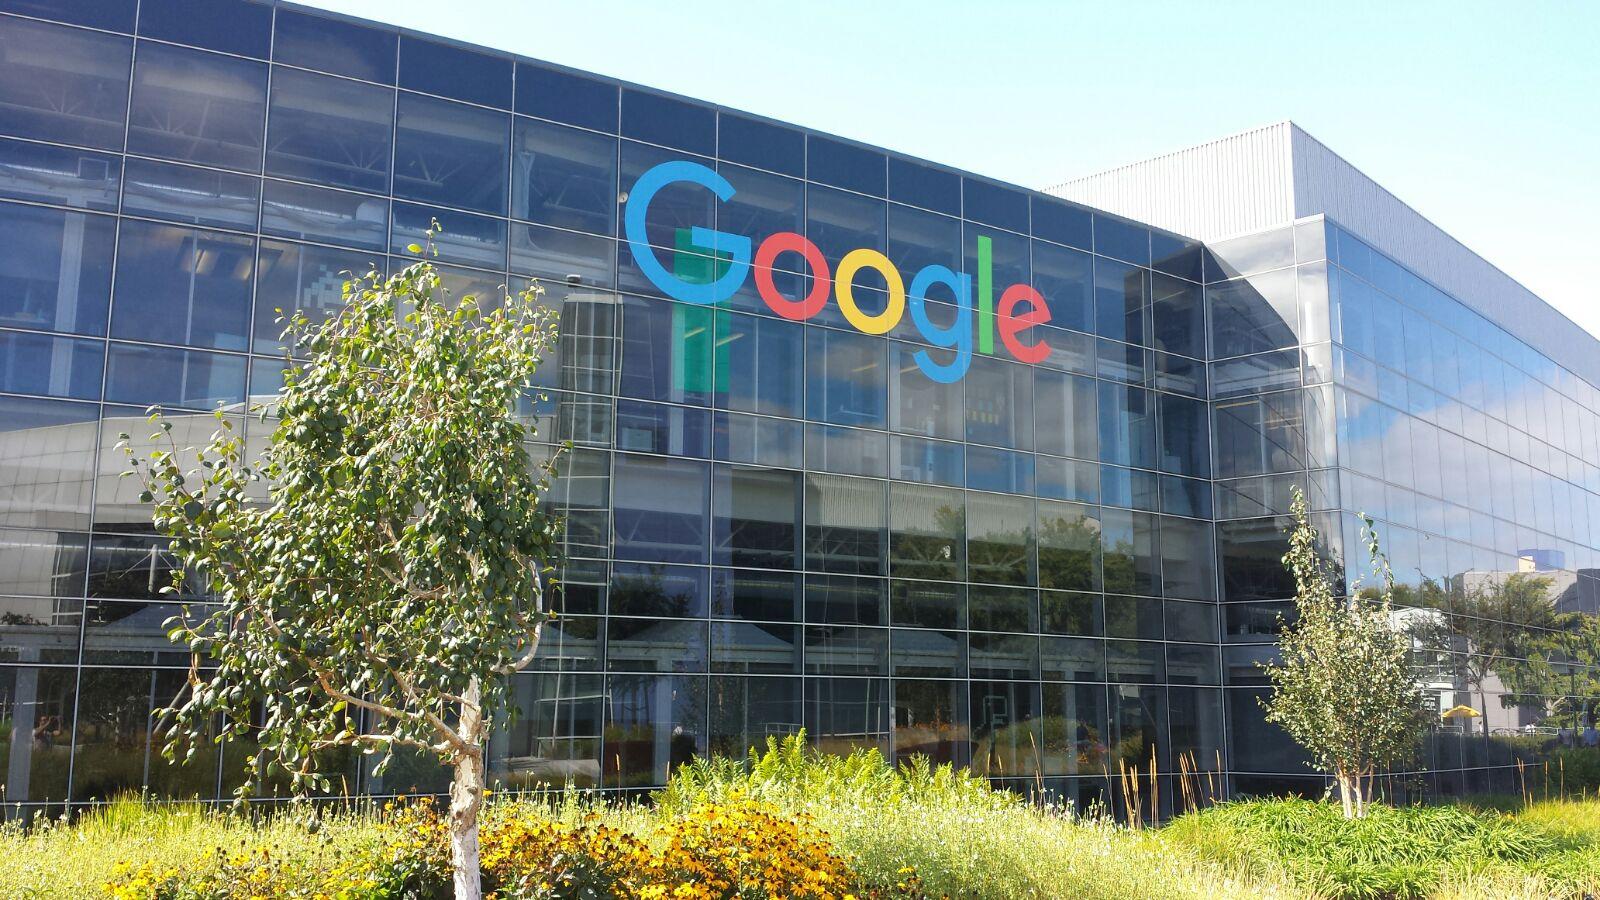 USA: Ouverture d'une enquête antitrust sur les sociétés high tech - Infos Reuters